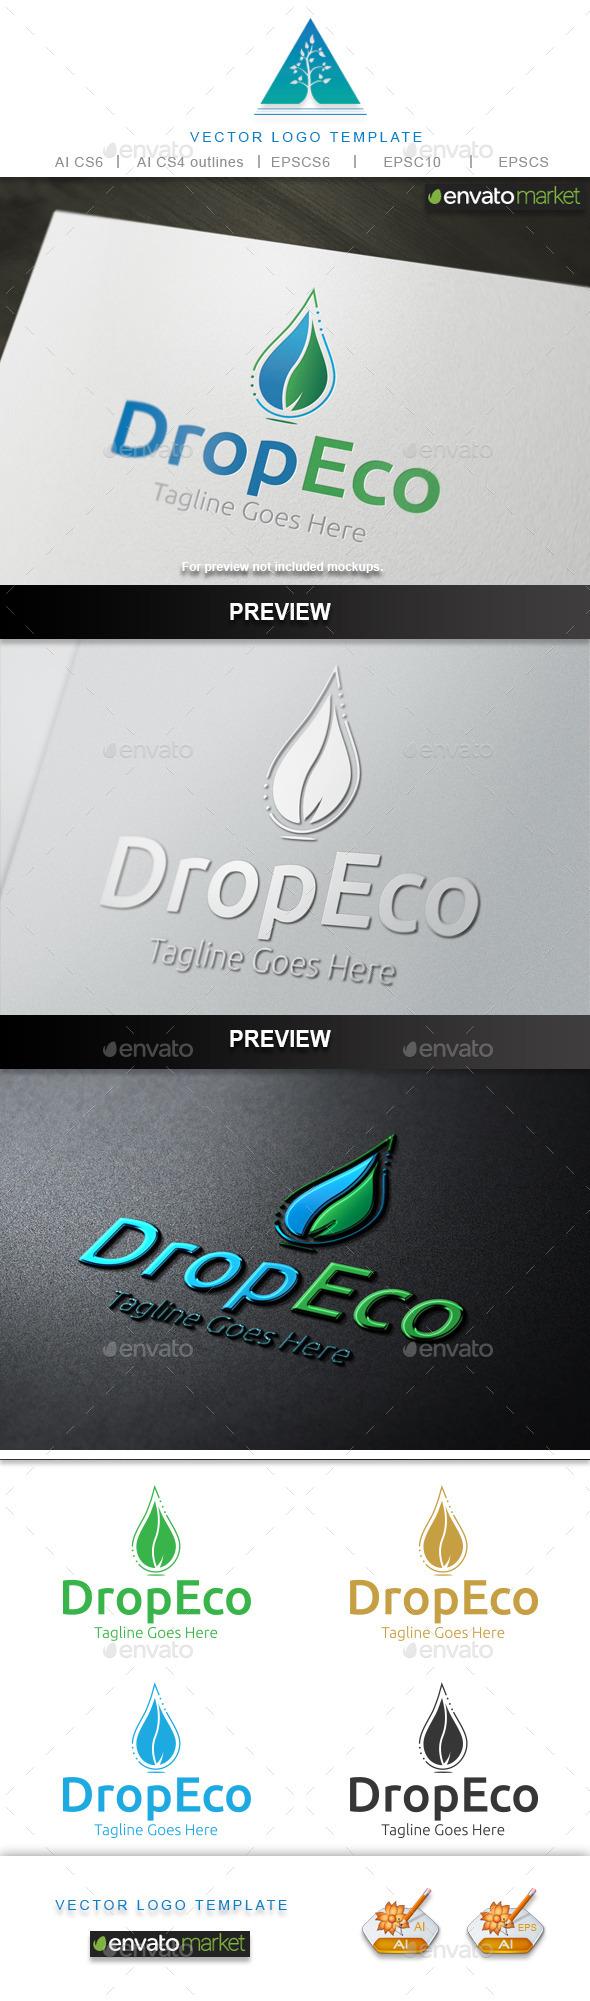 Drop Eco Logo